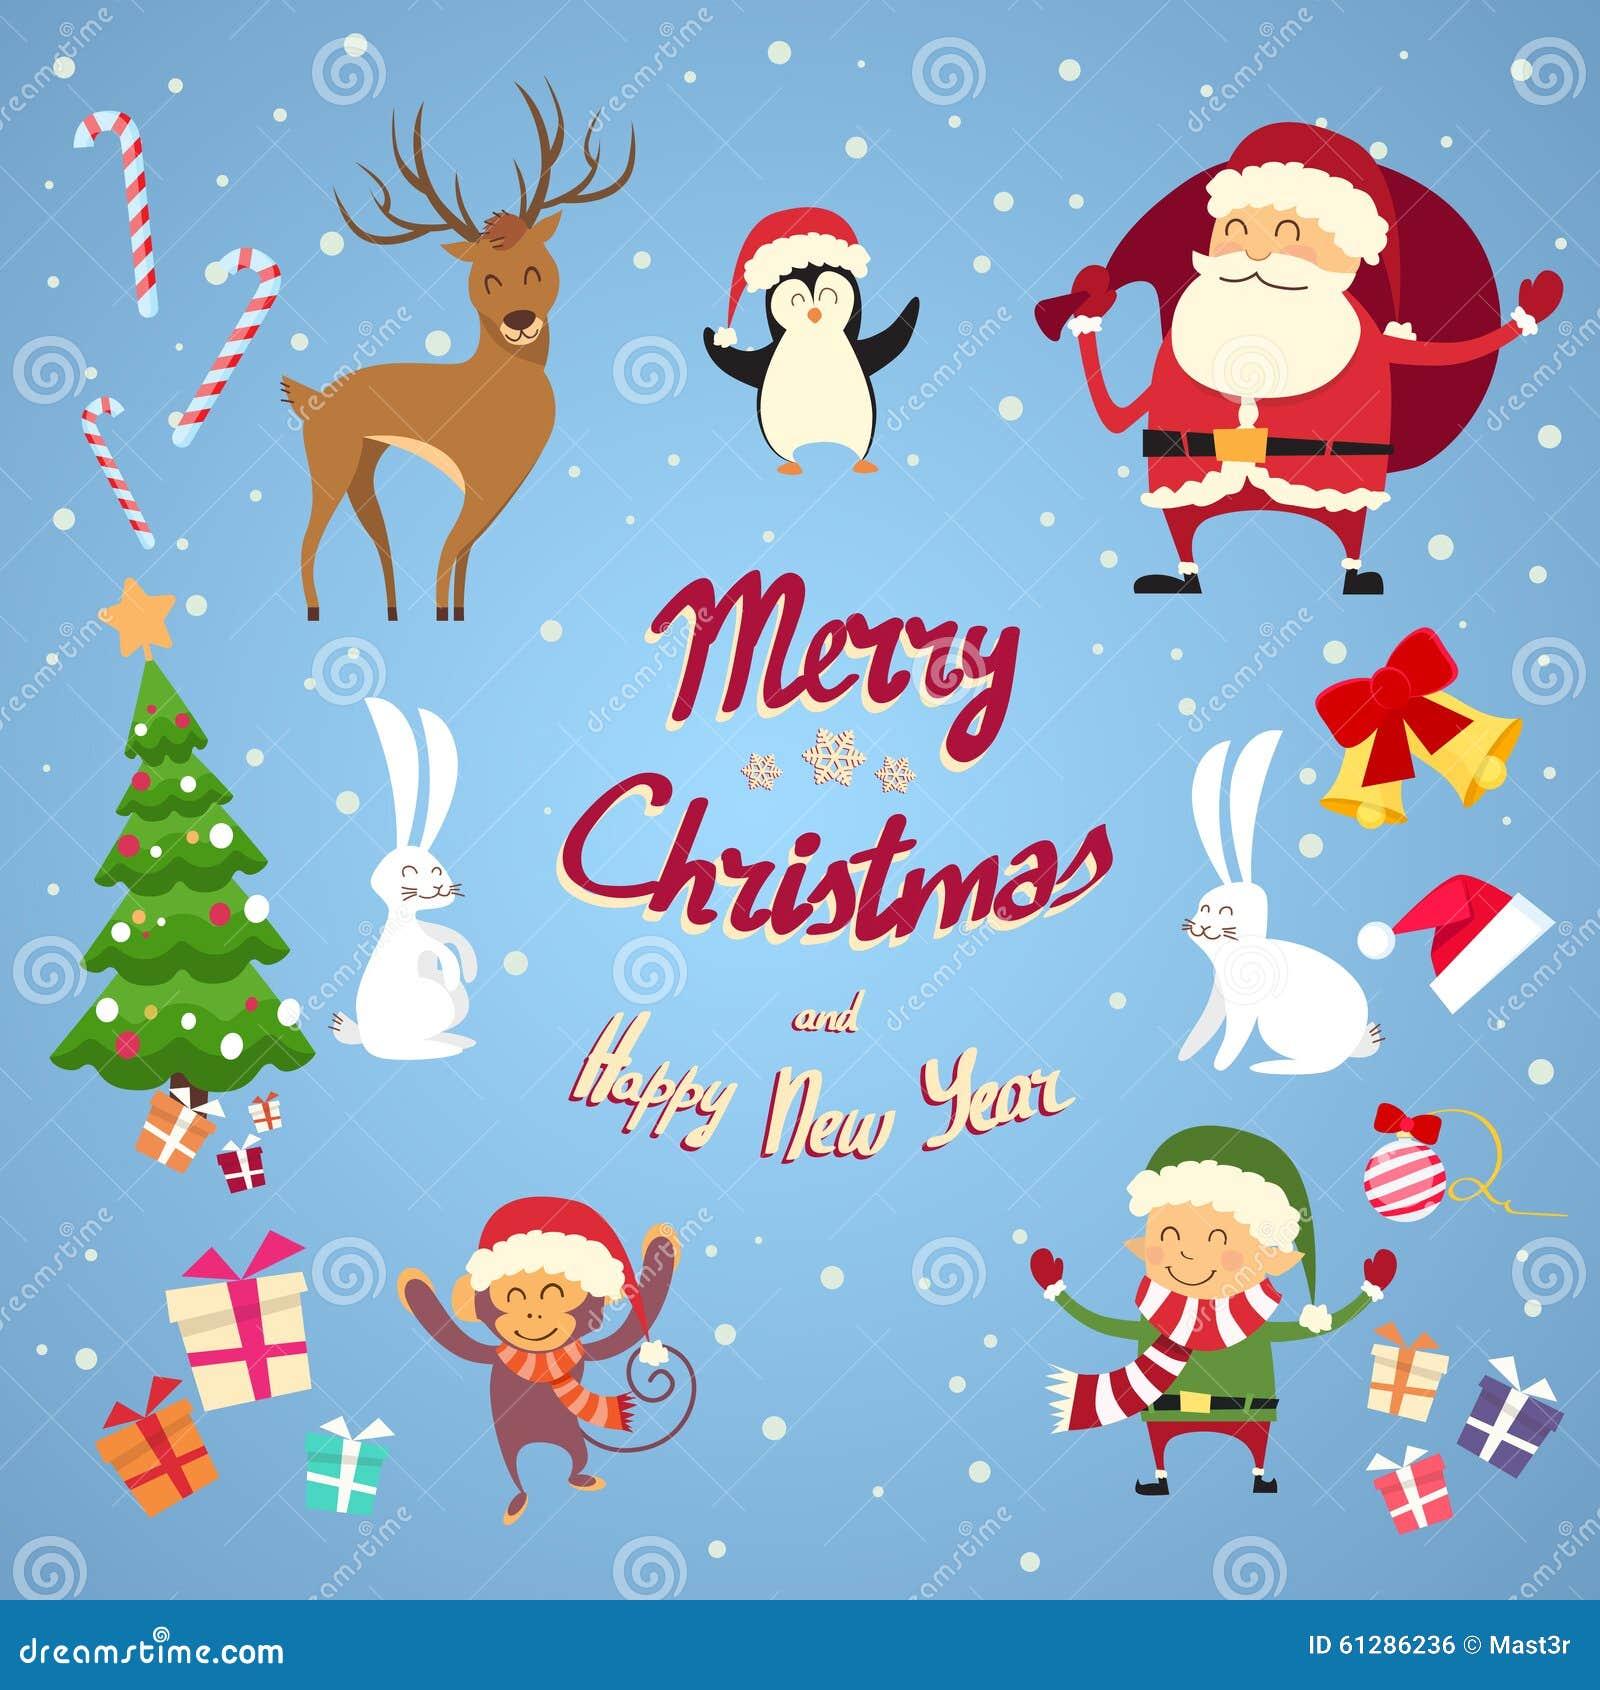 Santa Clause Christmas Elf Cartoon tecken - uppsättning